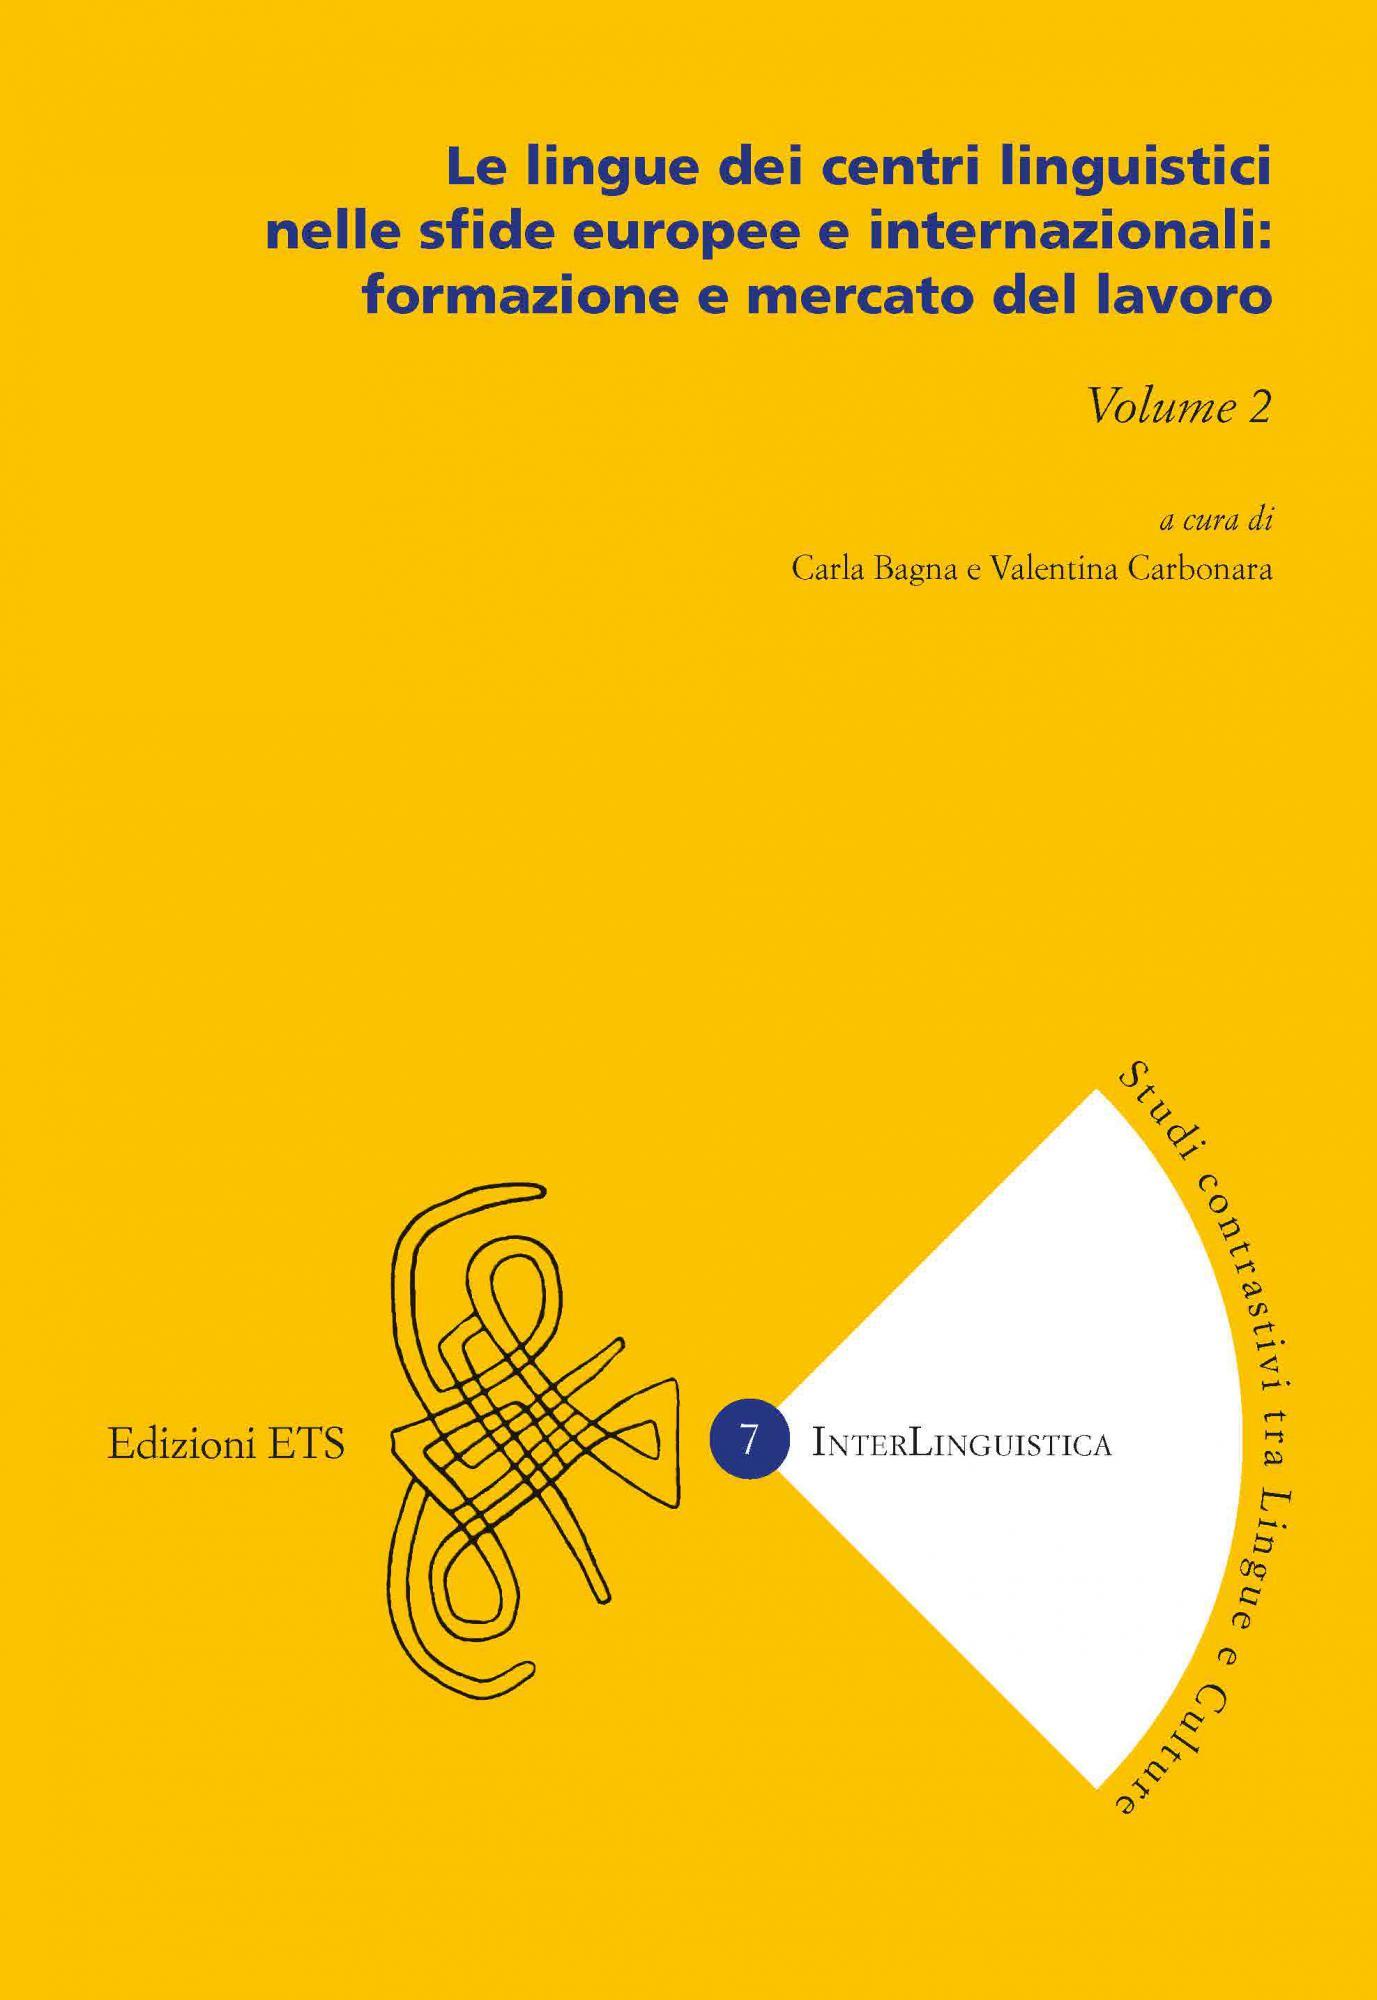 Le lingue dei centri linguistici nelle sfide europee e internazionali: formazione e mercato del lavoro.Volume 2